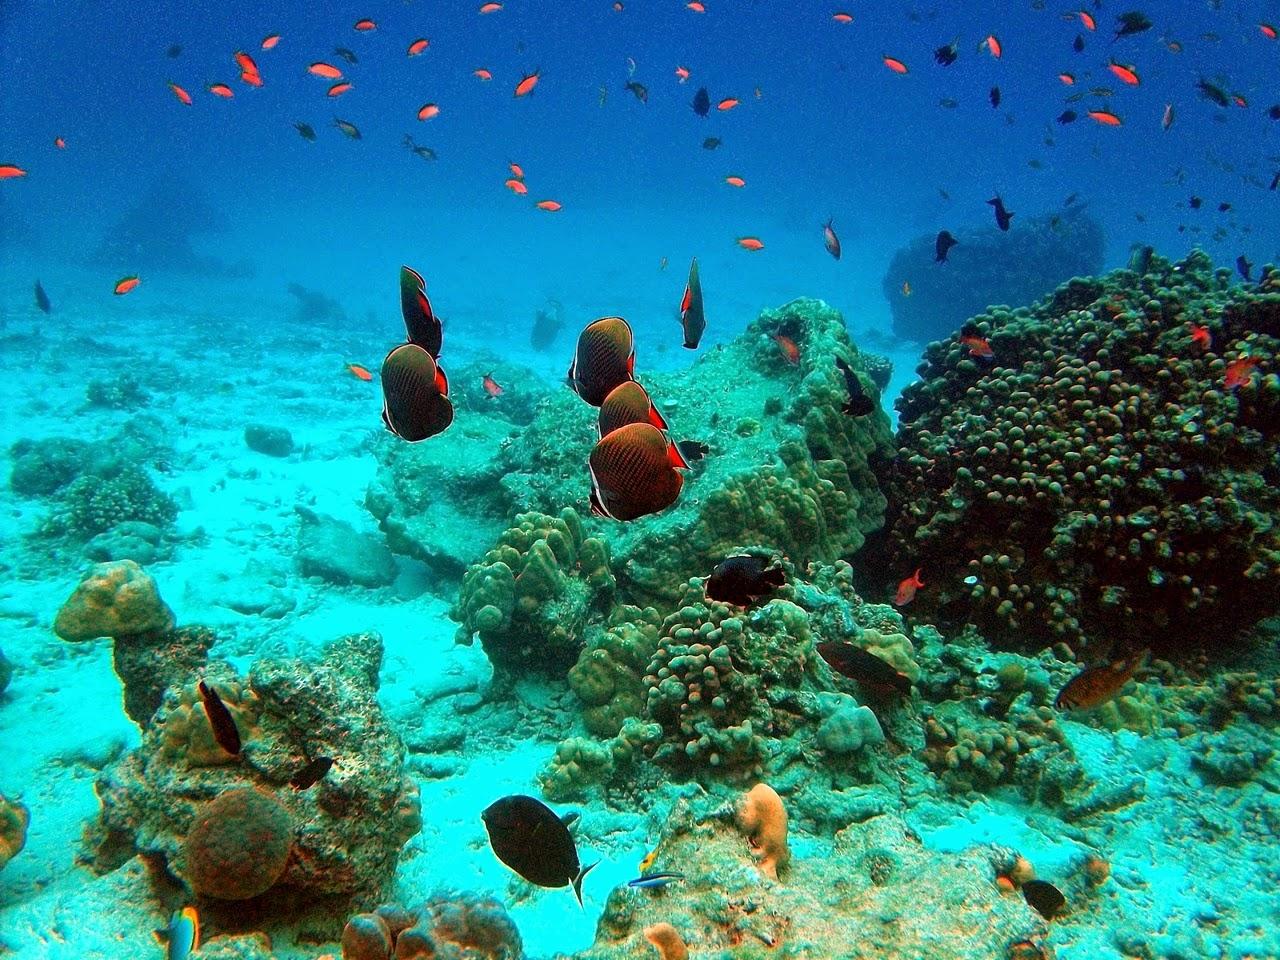 Daftar Tempat Wisata di Sabang Banda Aceh Yang Menarik